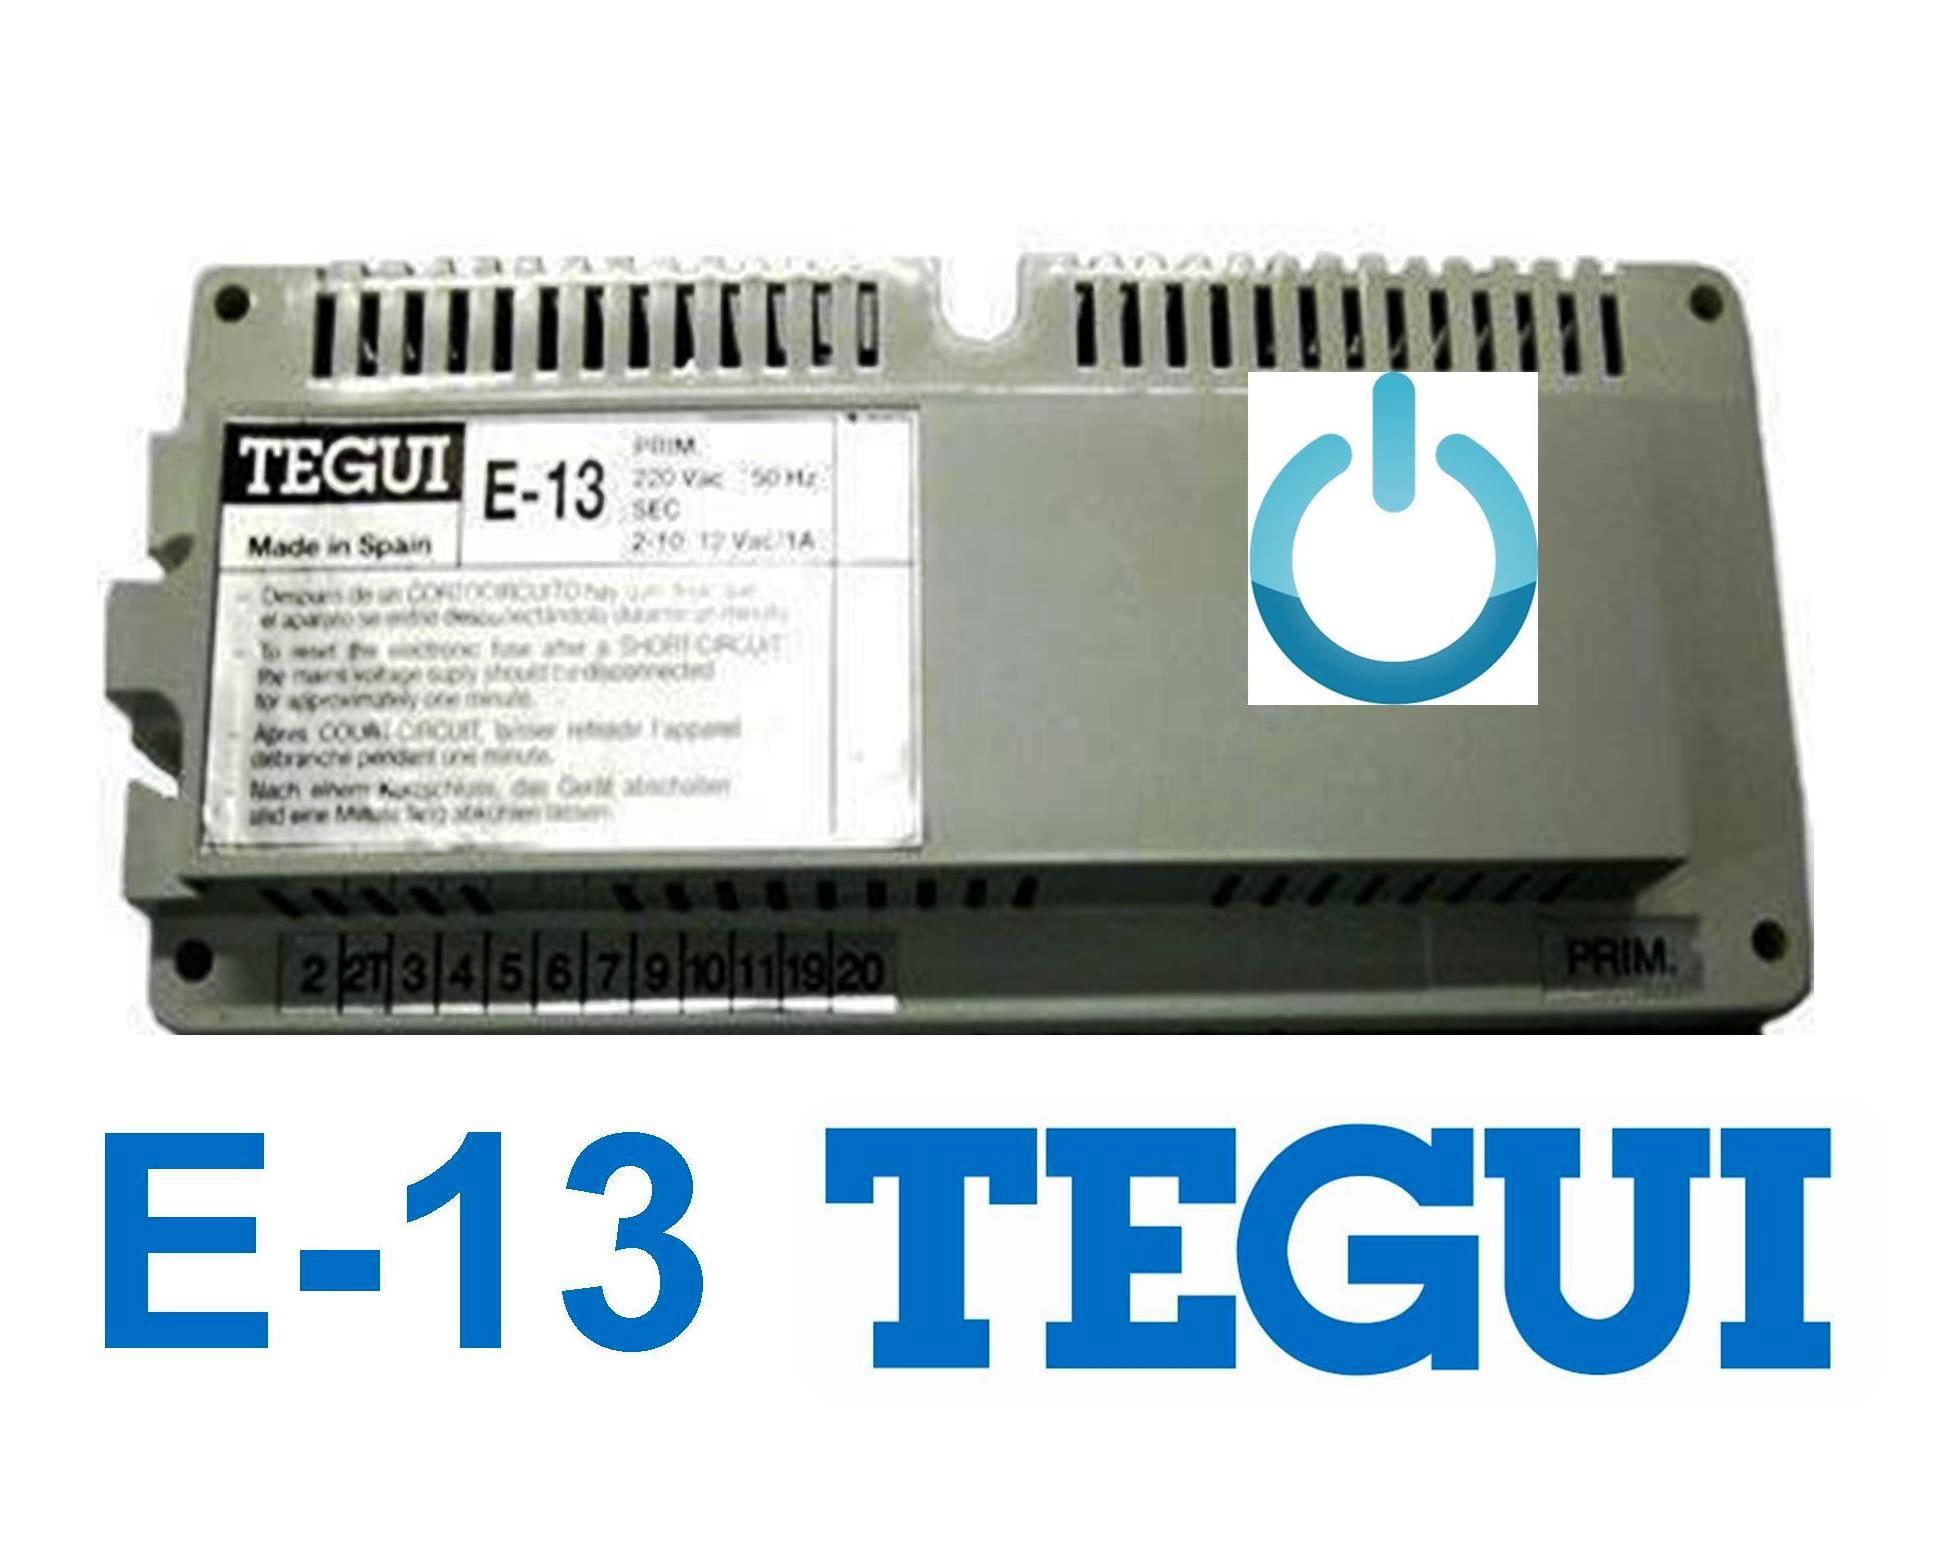 Portero convencional serie europa 1 egf 1 0e5501 y e 13 - Telefono portero automatico ...